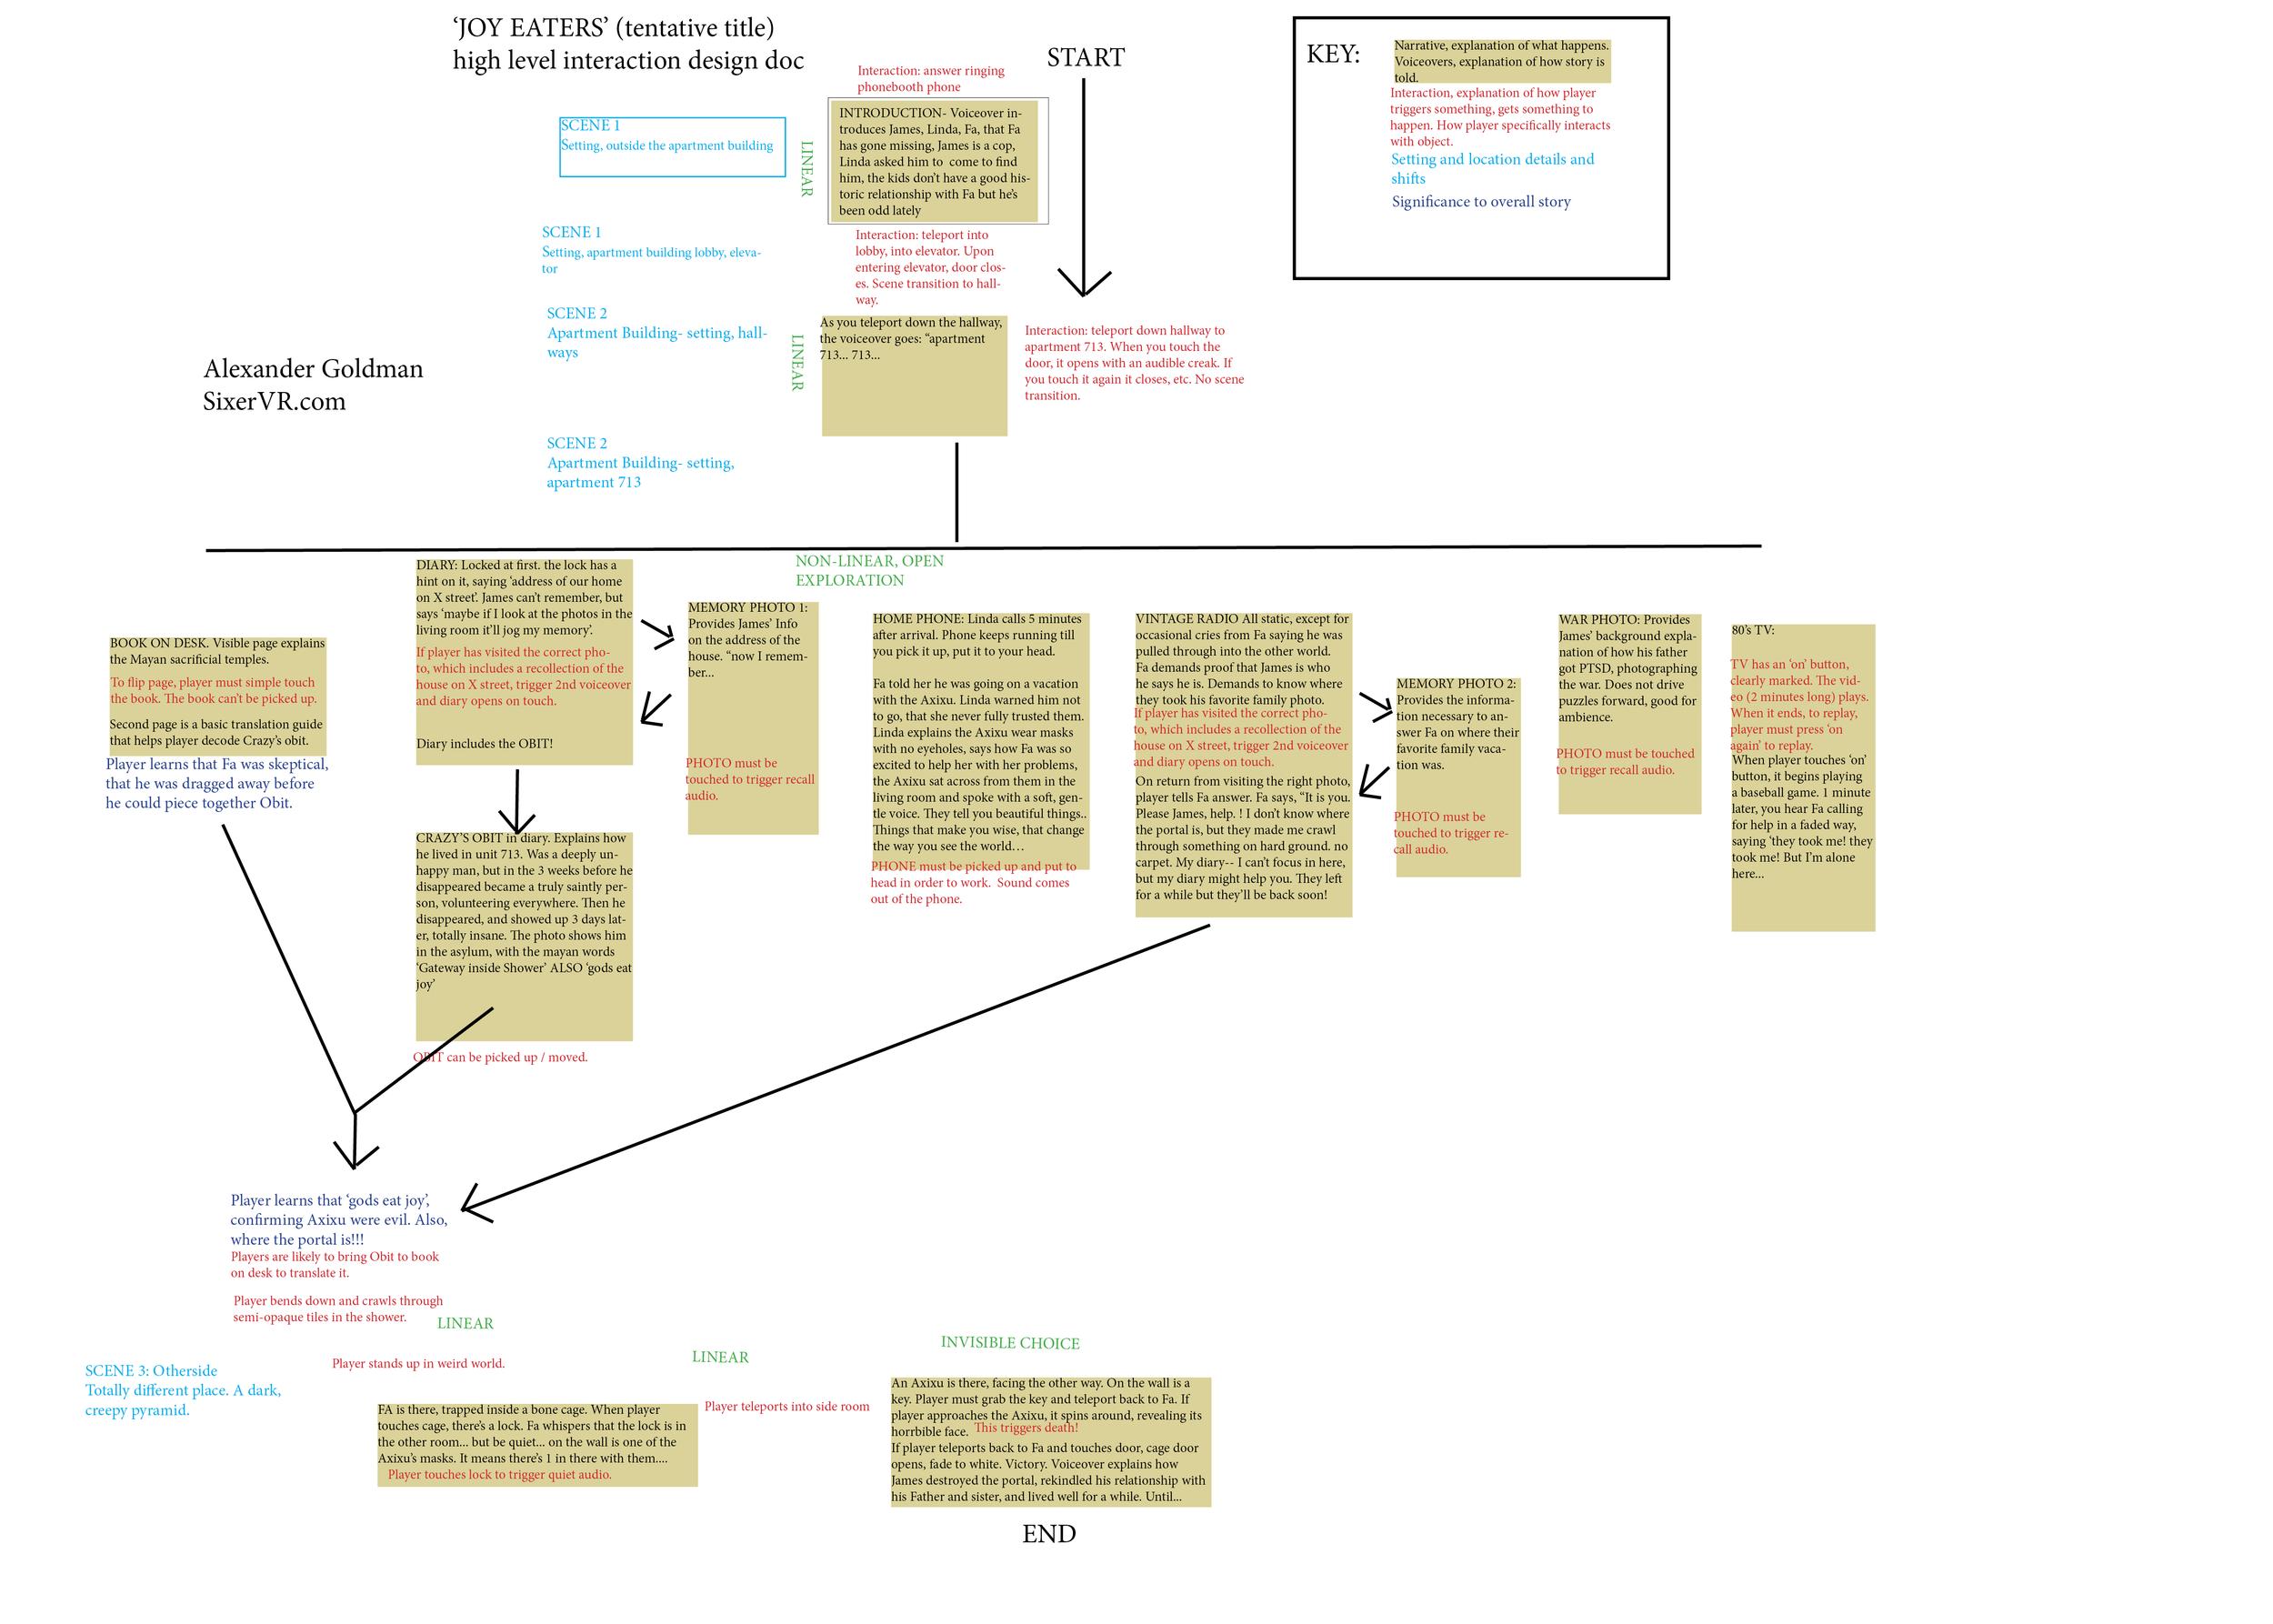 JOY EATER design doc overview.png